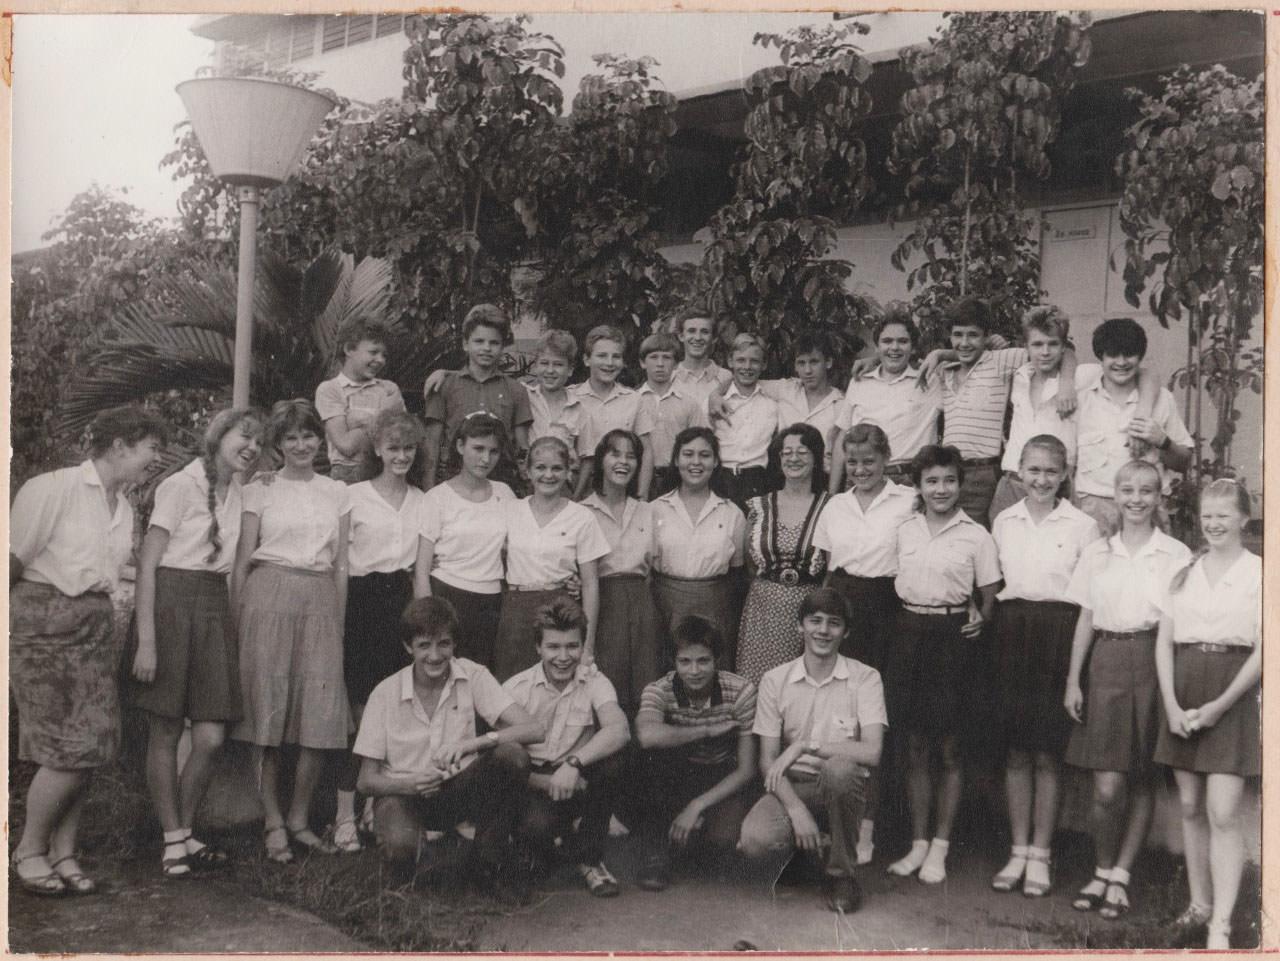 1990. Выпускной школьный альбом. Лист 4